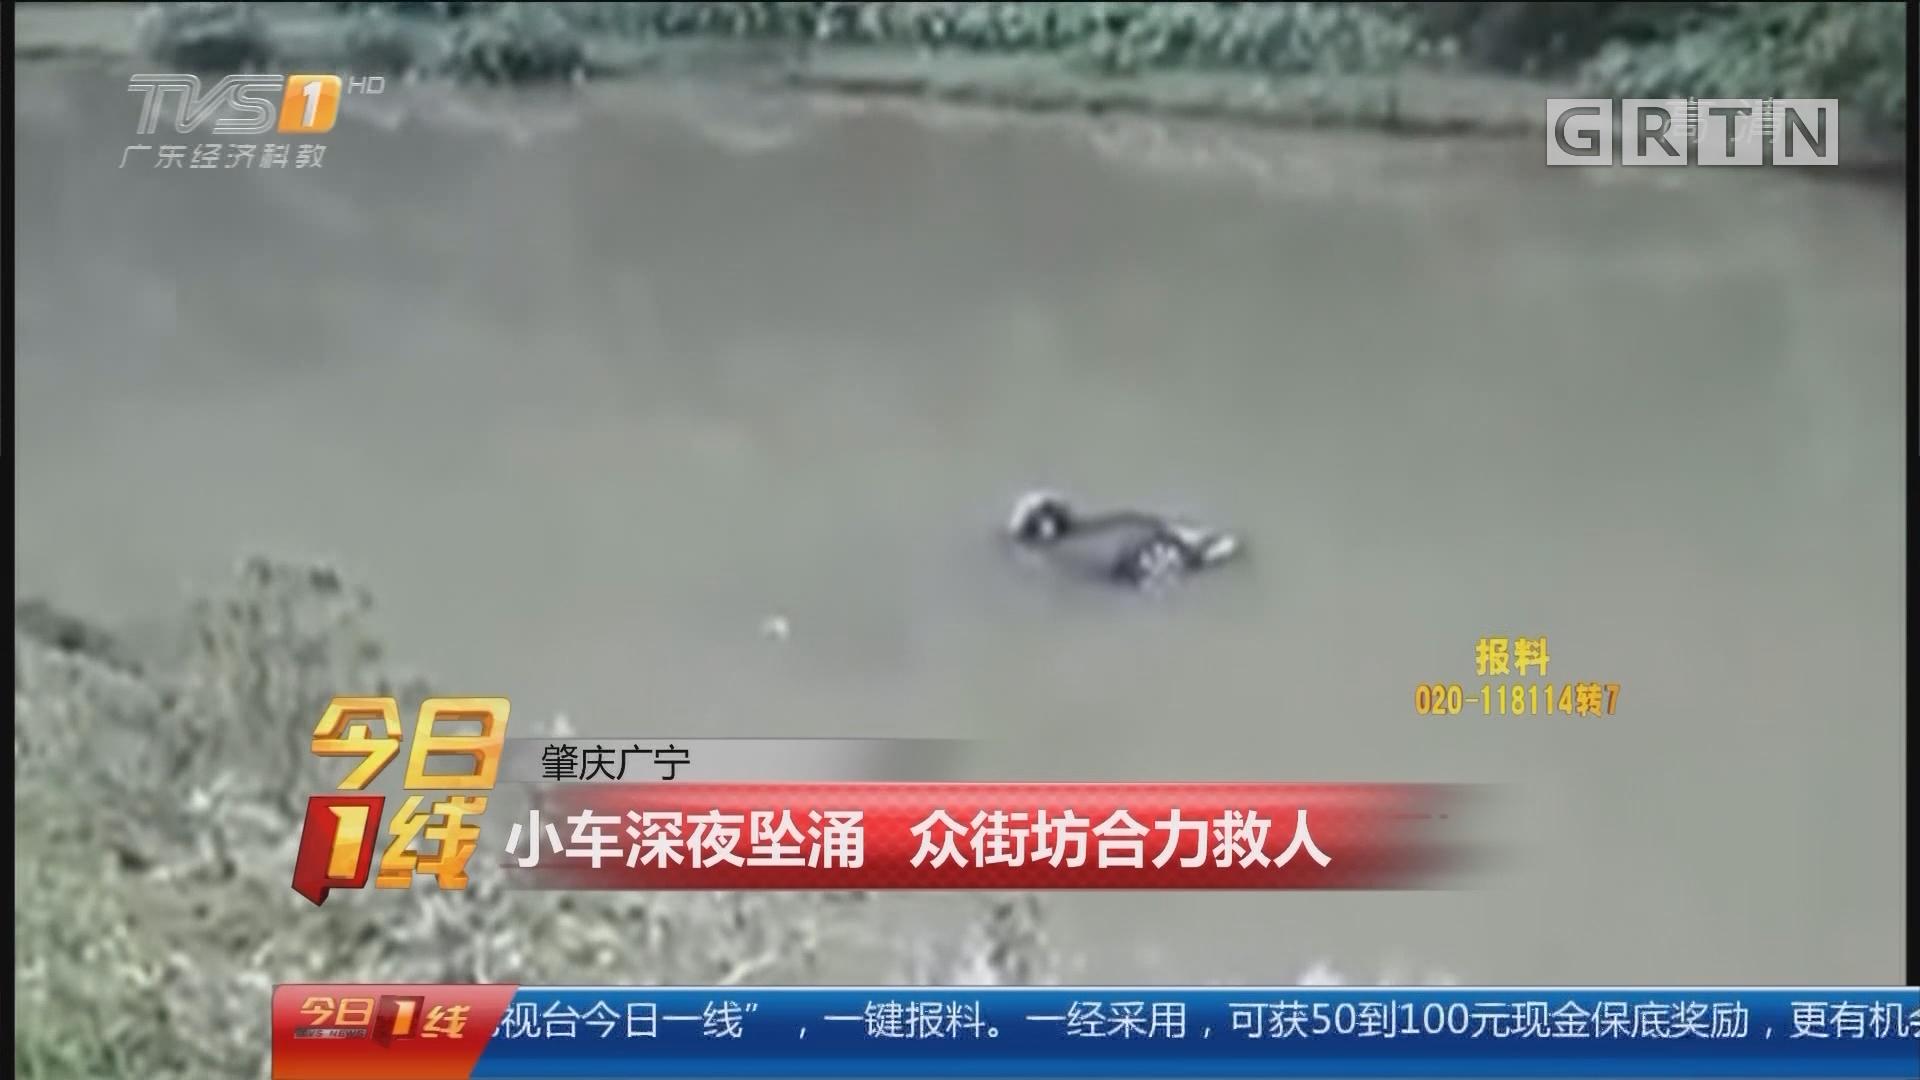 肇庆广宁:小车深夜坠涌 众街坊合力救人